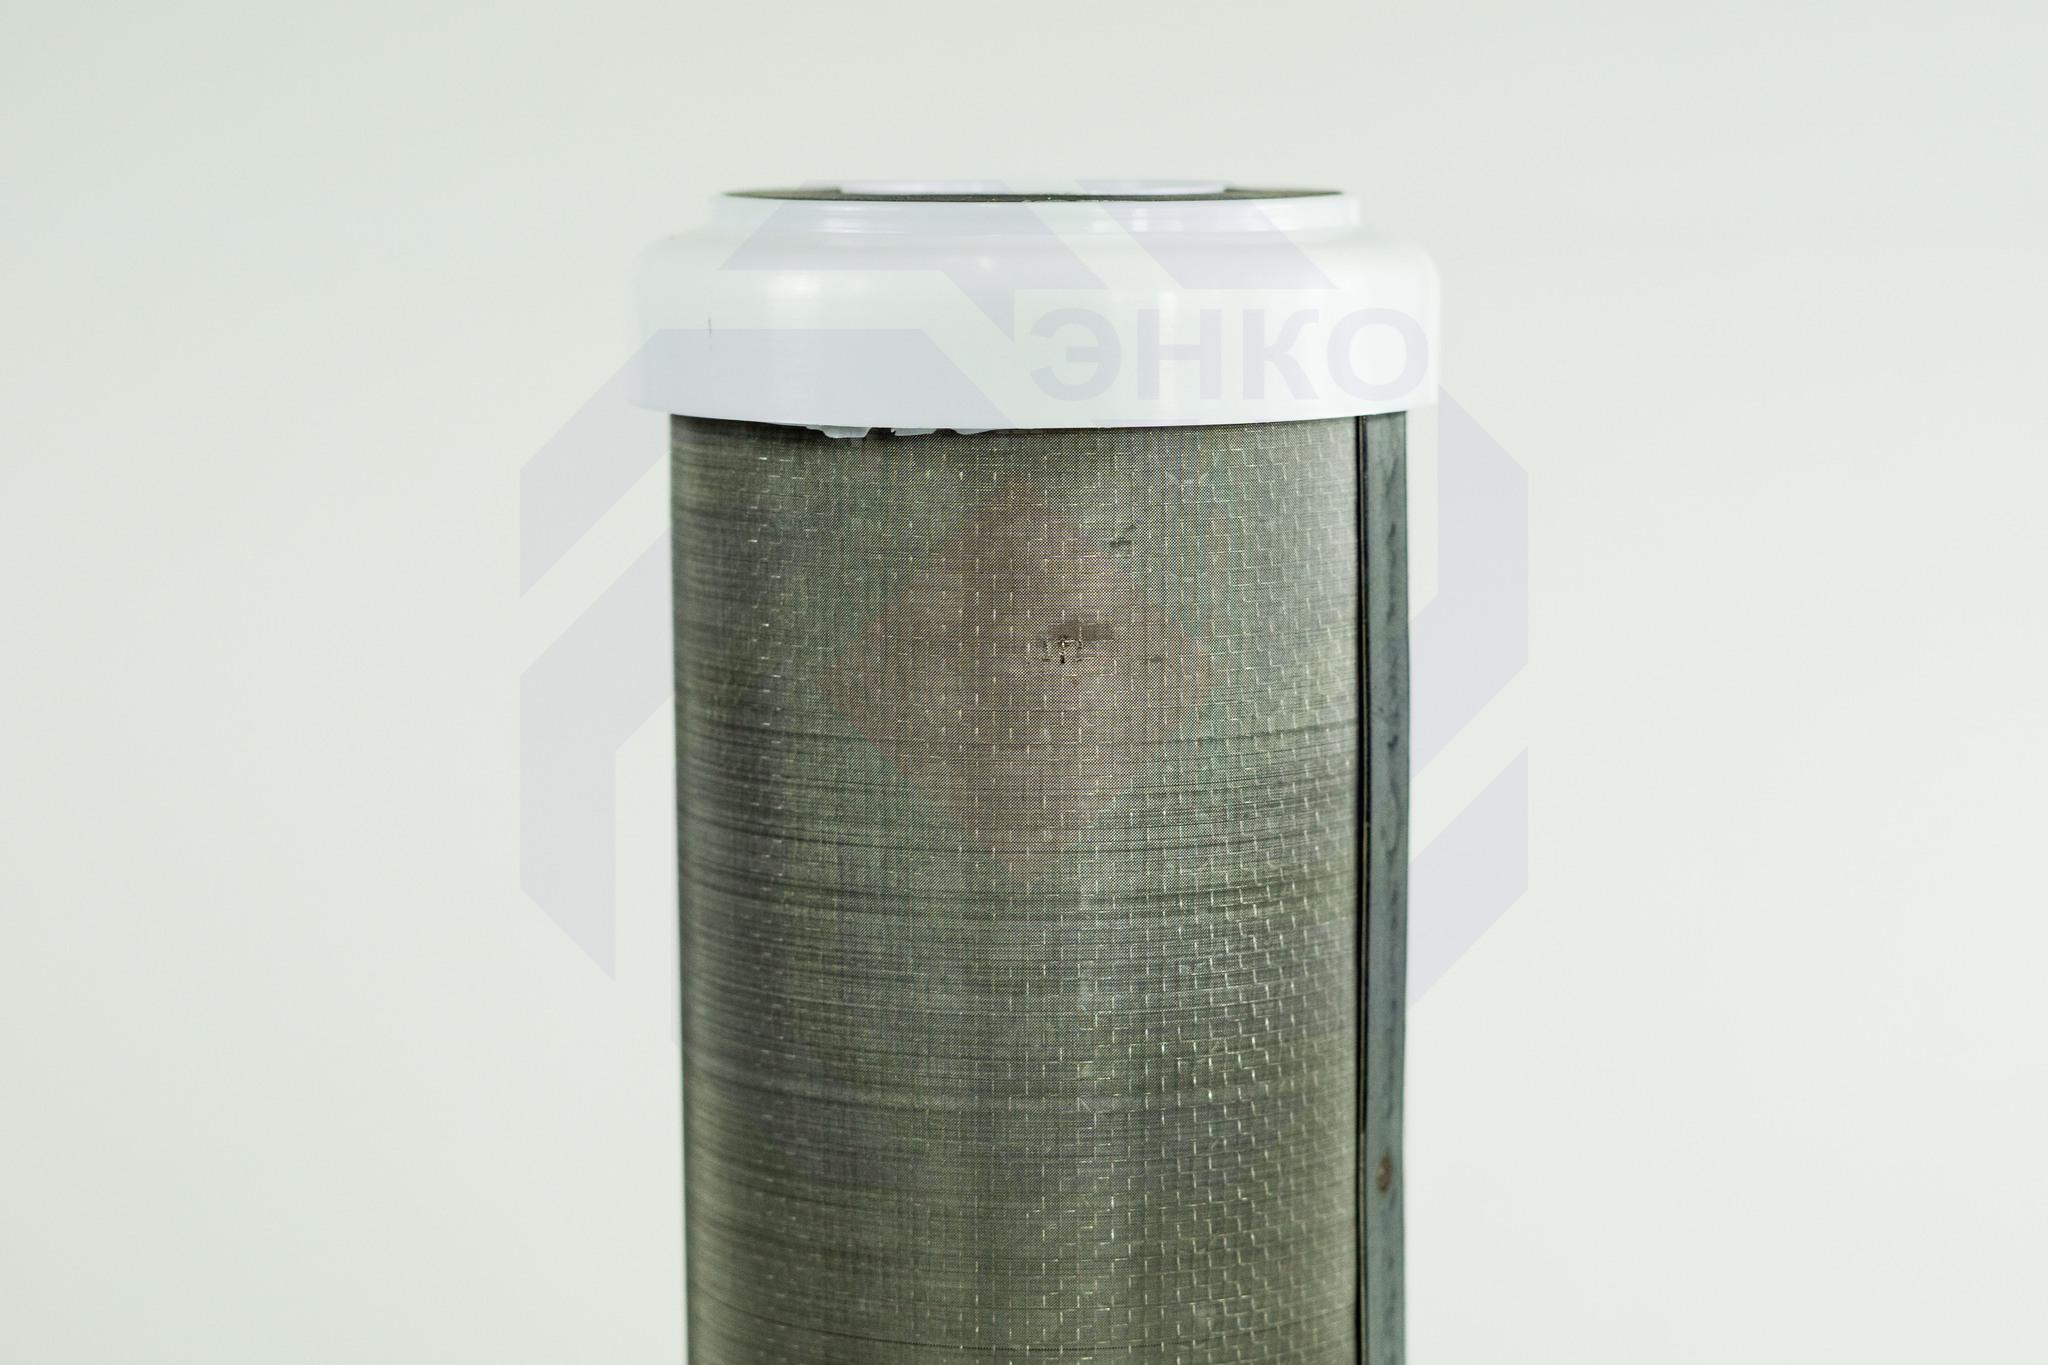 Картридж ATLAS RA сетка из нержавеющей стали 70 микрон для 10